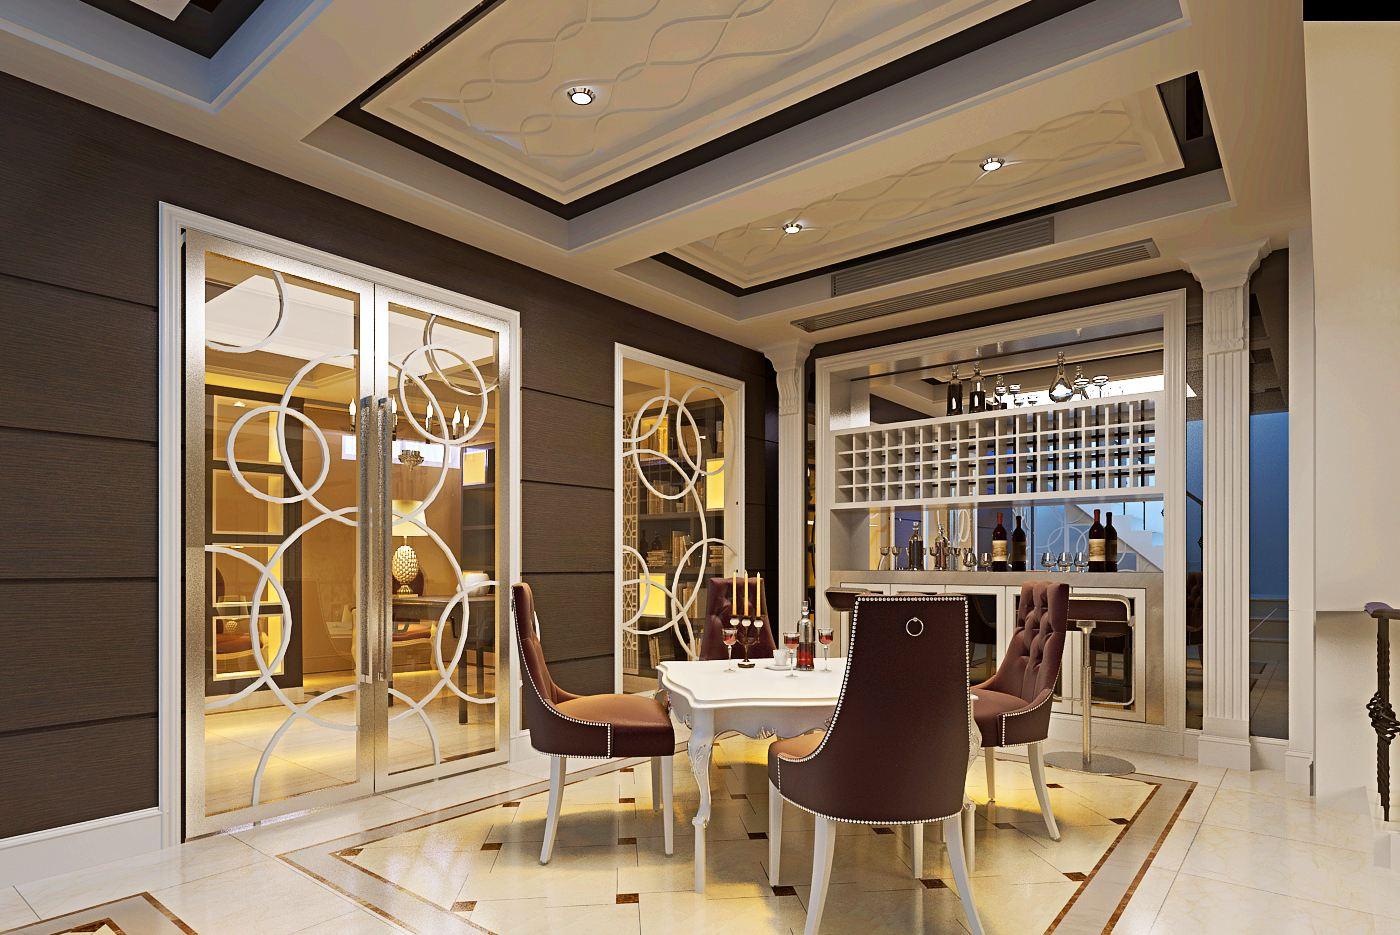 优质西藏建筑装饰商城怎么加盟厂家直销 高品质装饰材料平台入驻方式重磅优惠来袭